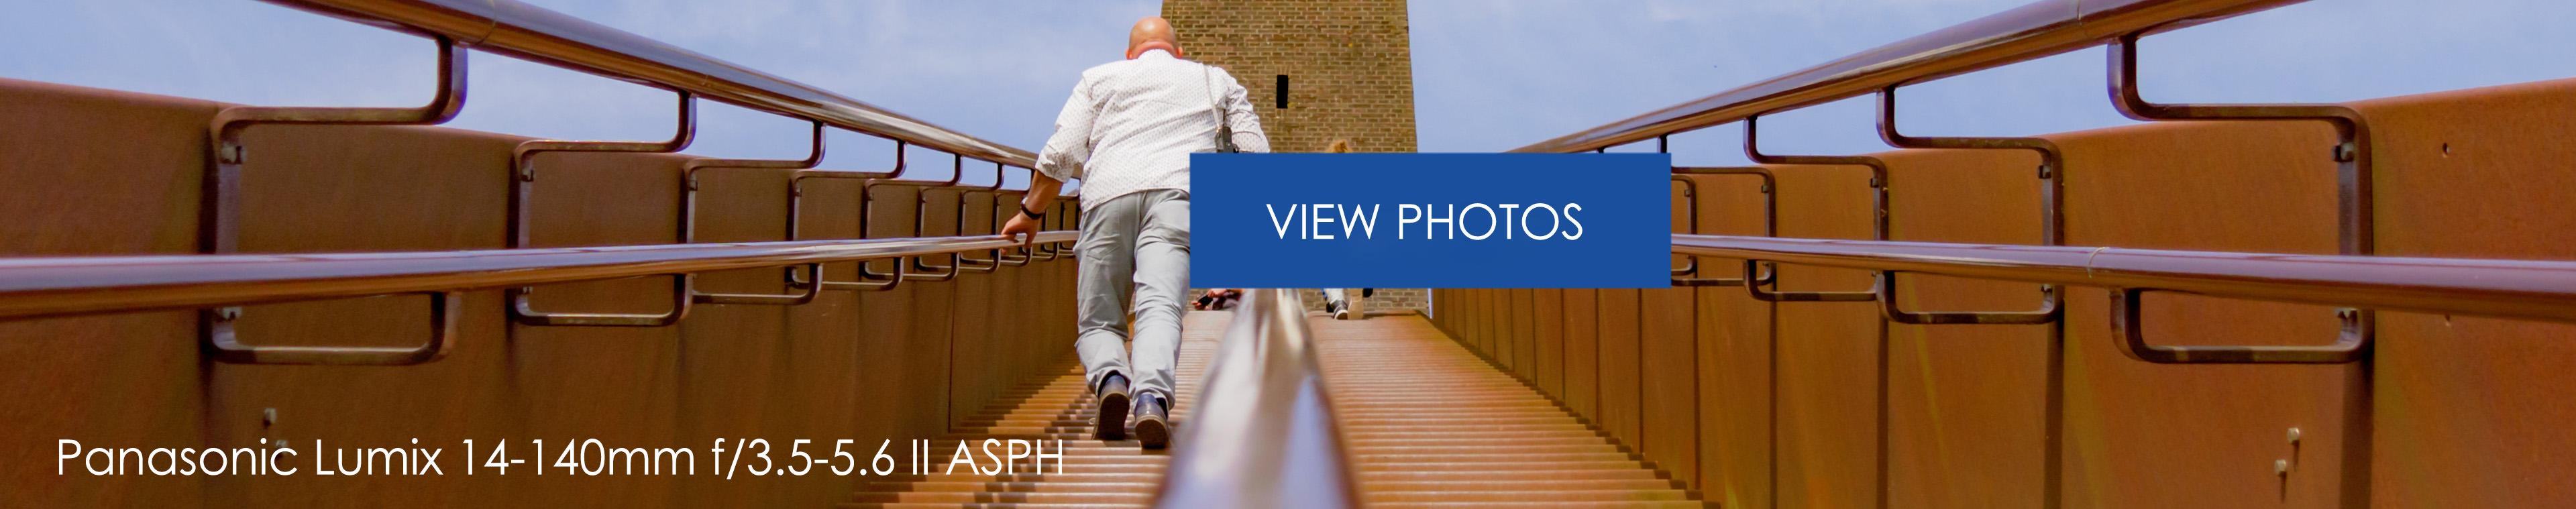 Viewfoto3840 Lumix14 140II